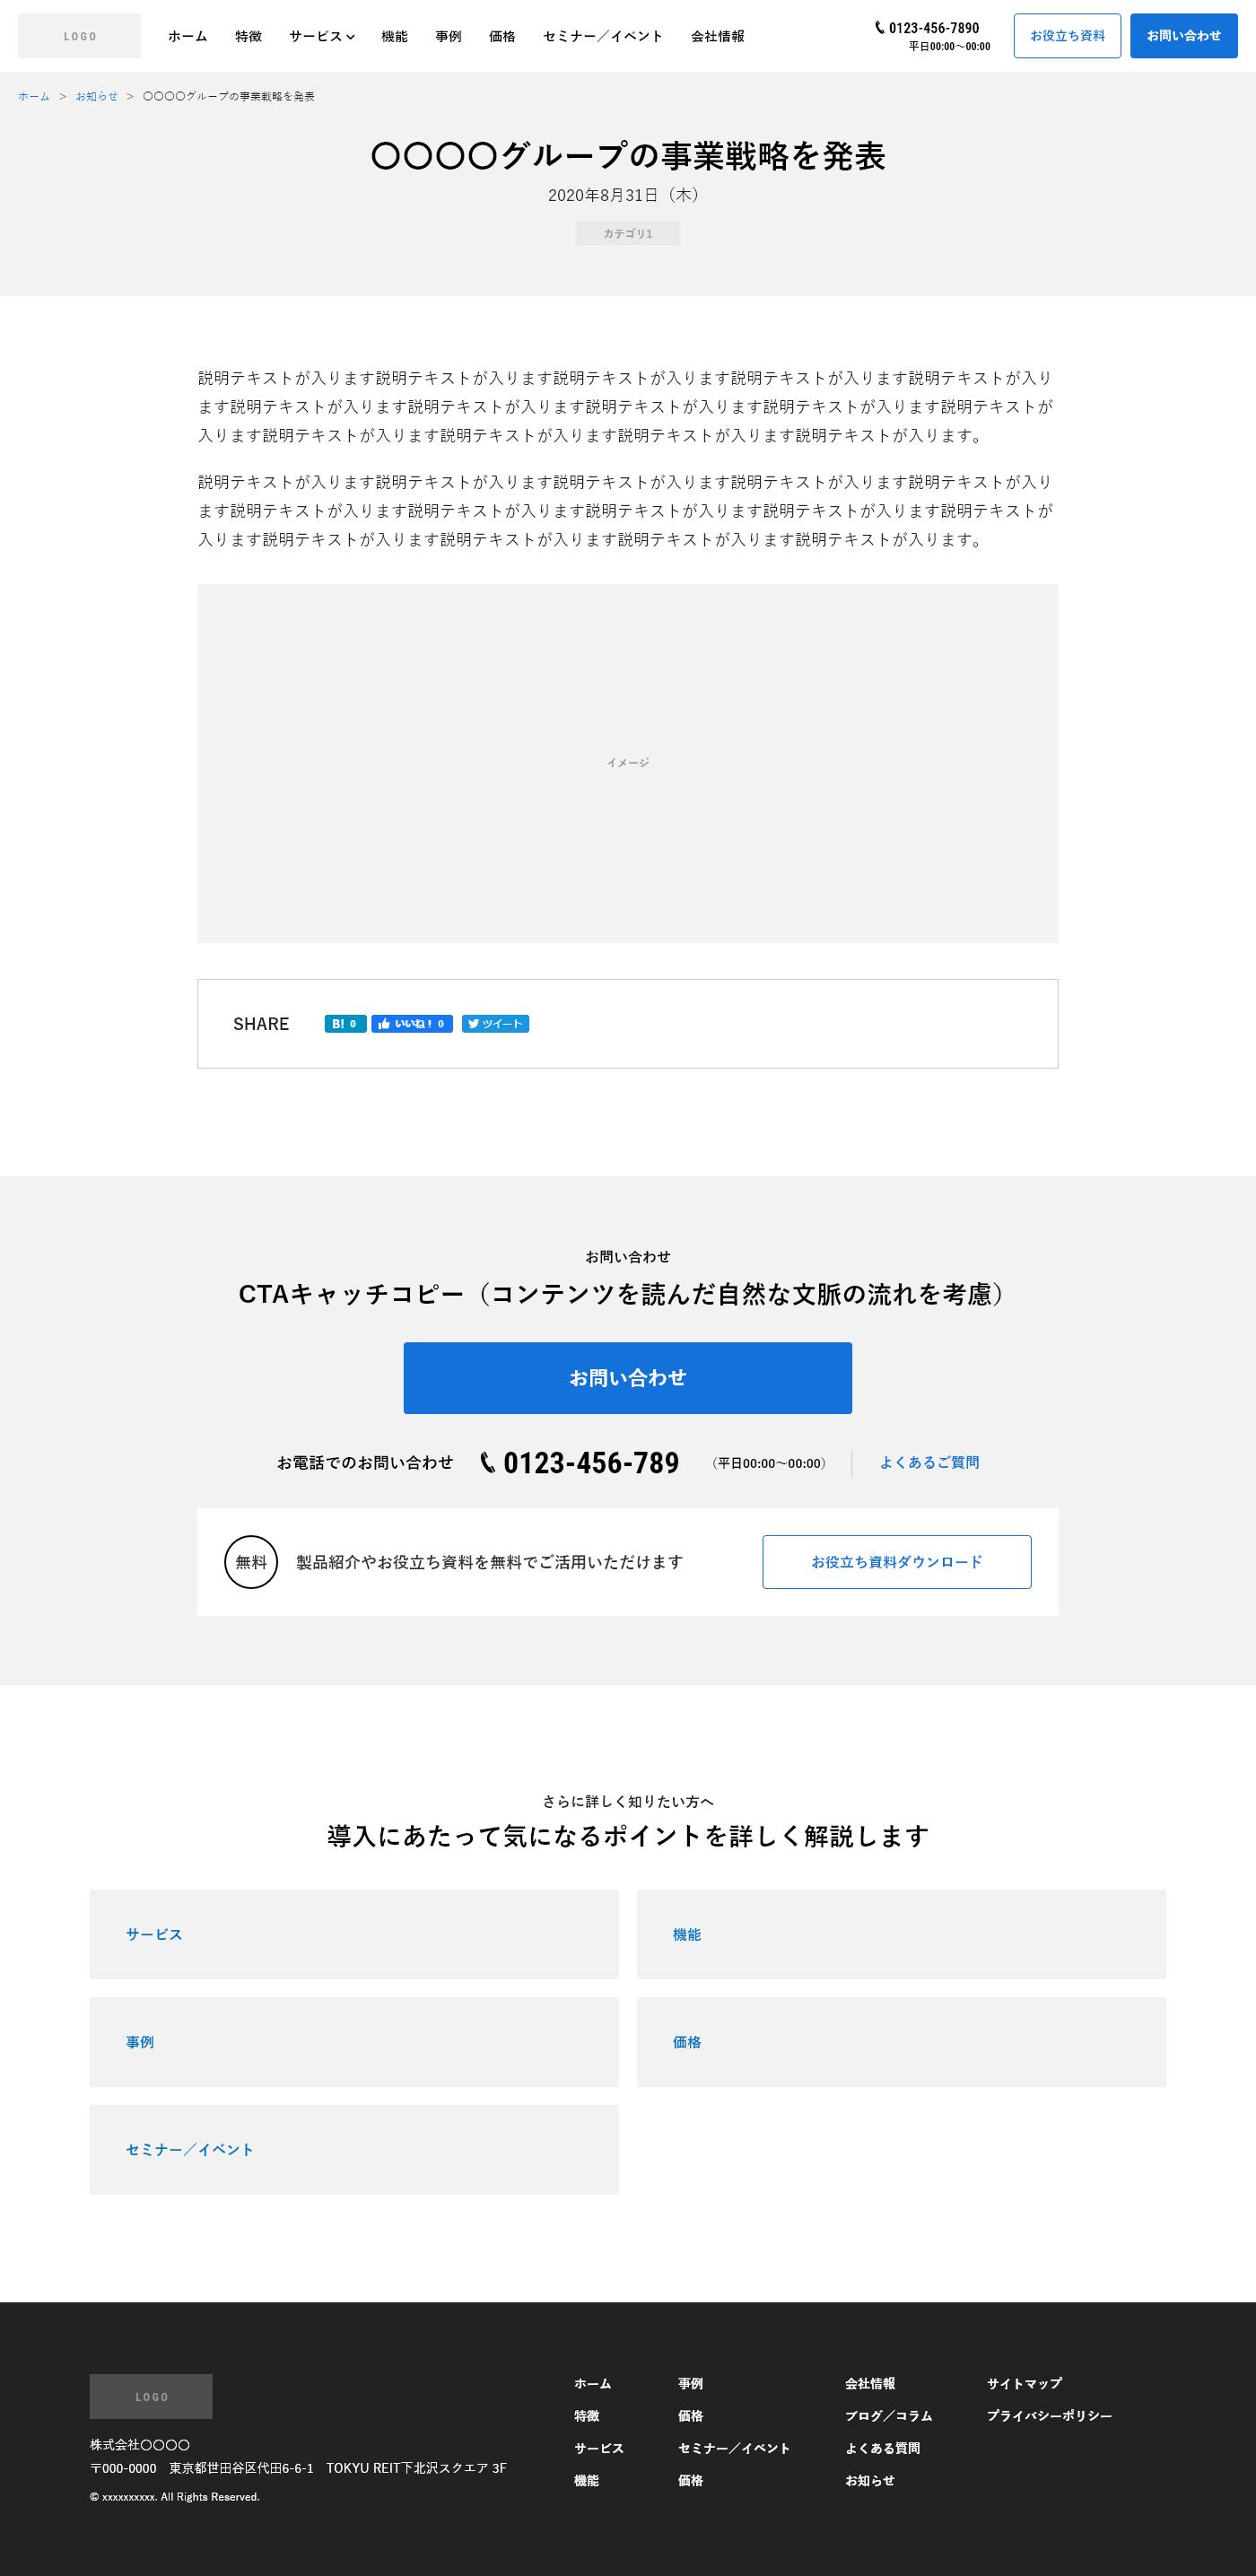 お知らせ(詳細)